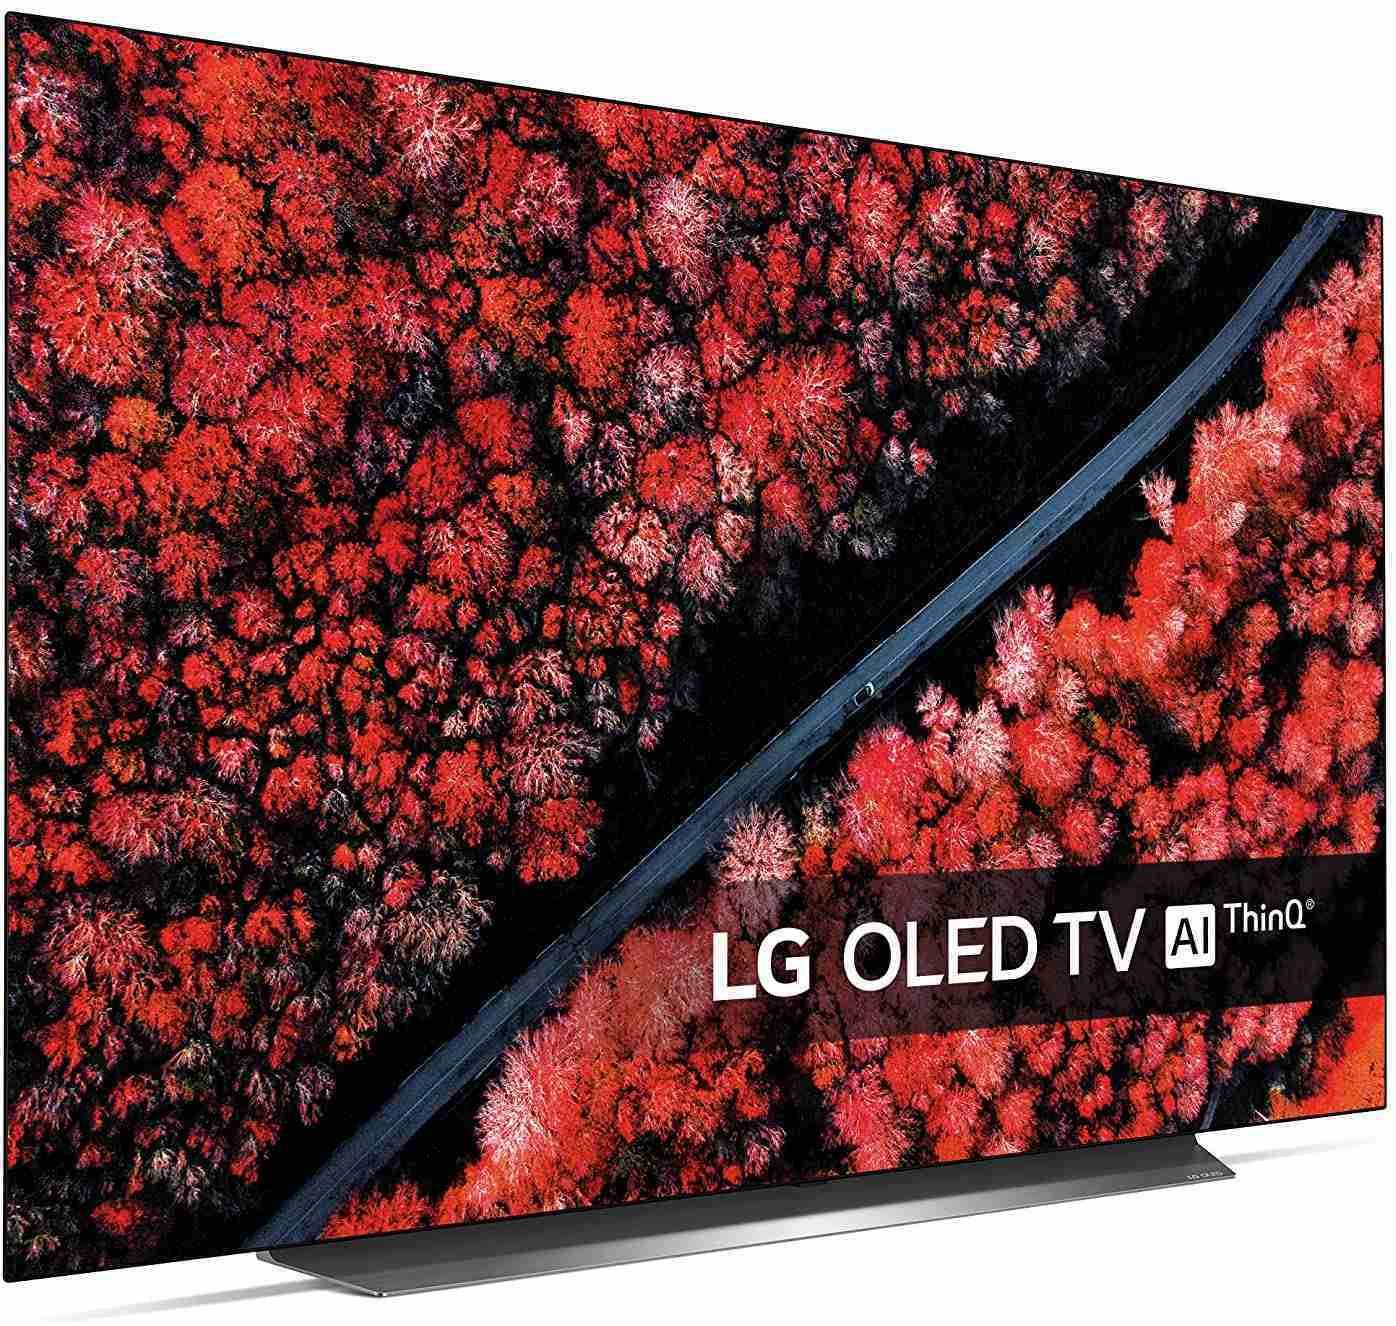 LG OLED AI ThinQ 65C9